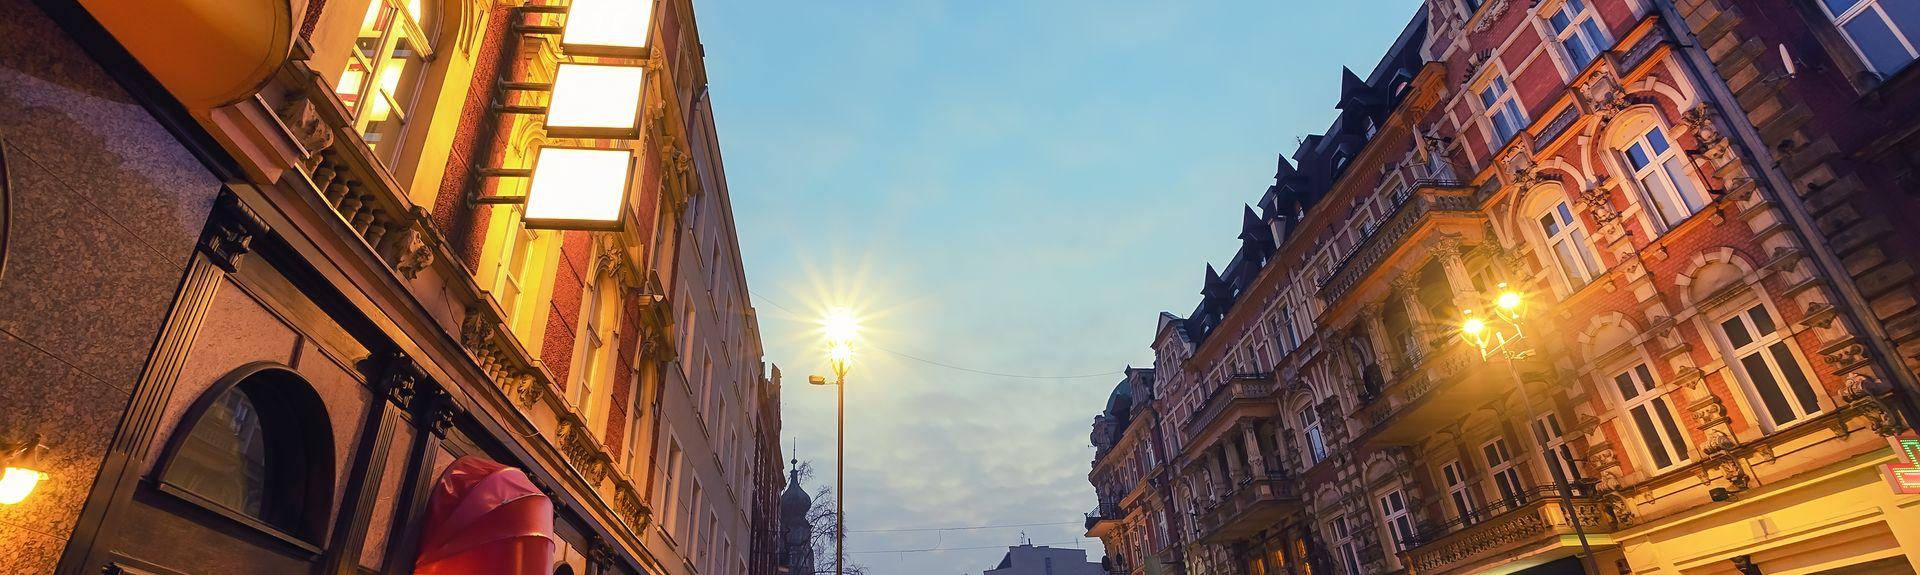 Voivodato Della Slesia Polonia gliwice, pl: case vacanze, case in affitto, etc | vrbo